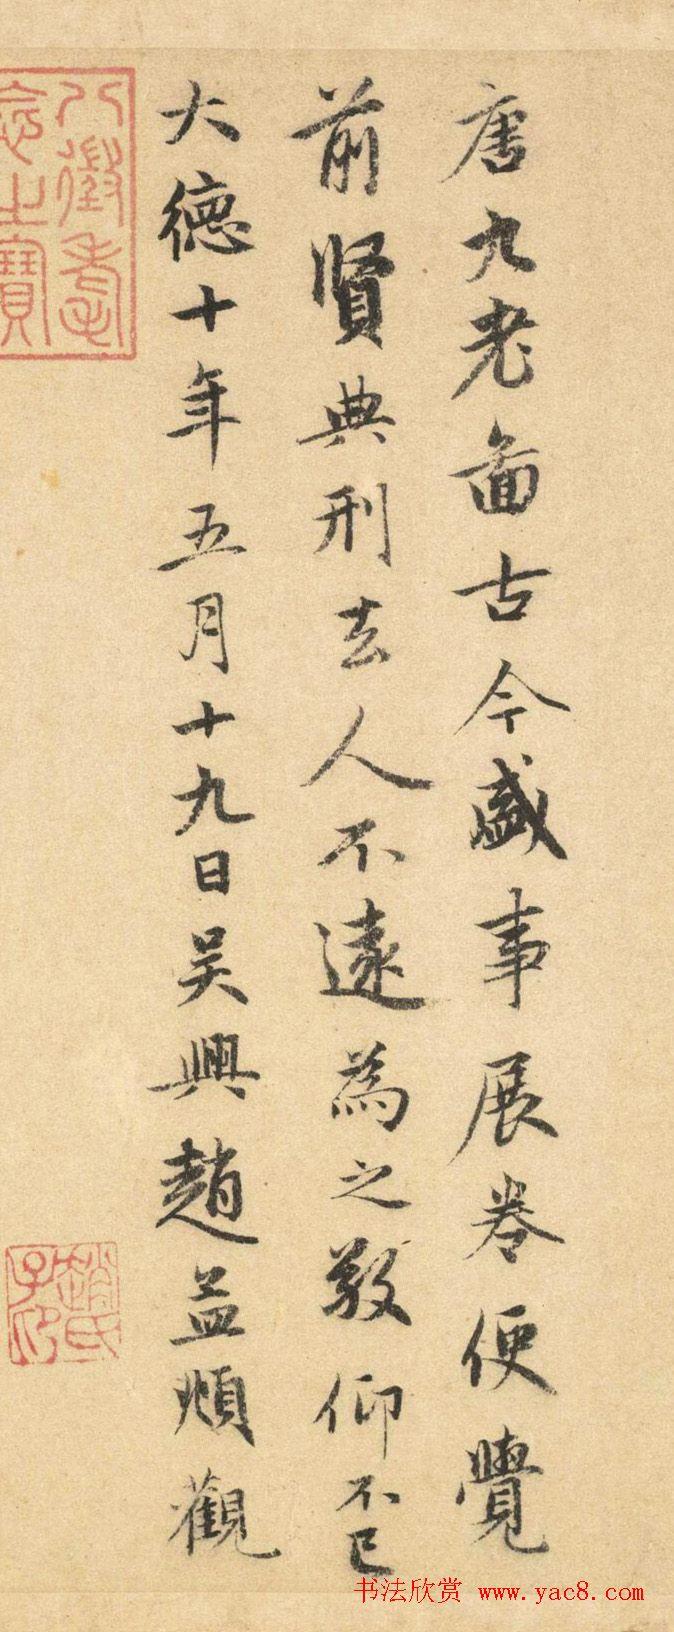 赵孟頫53岁书法题会昌九老图